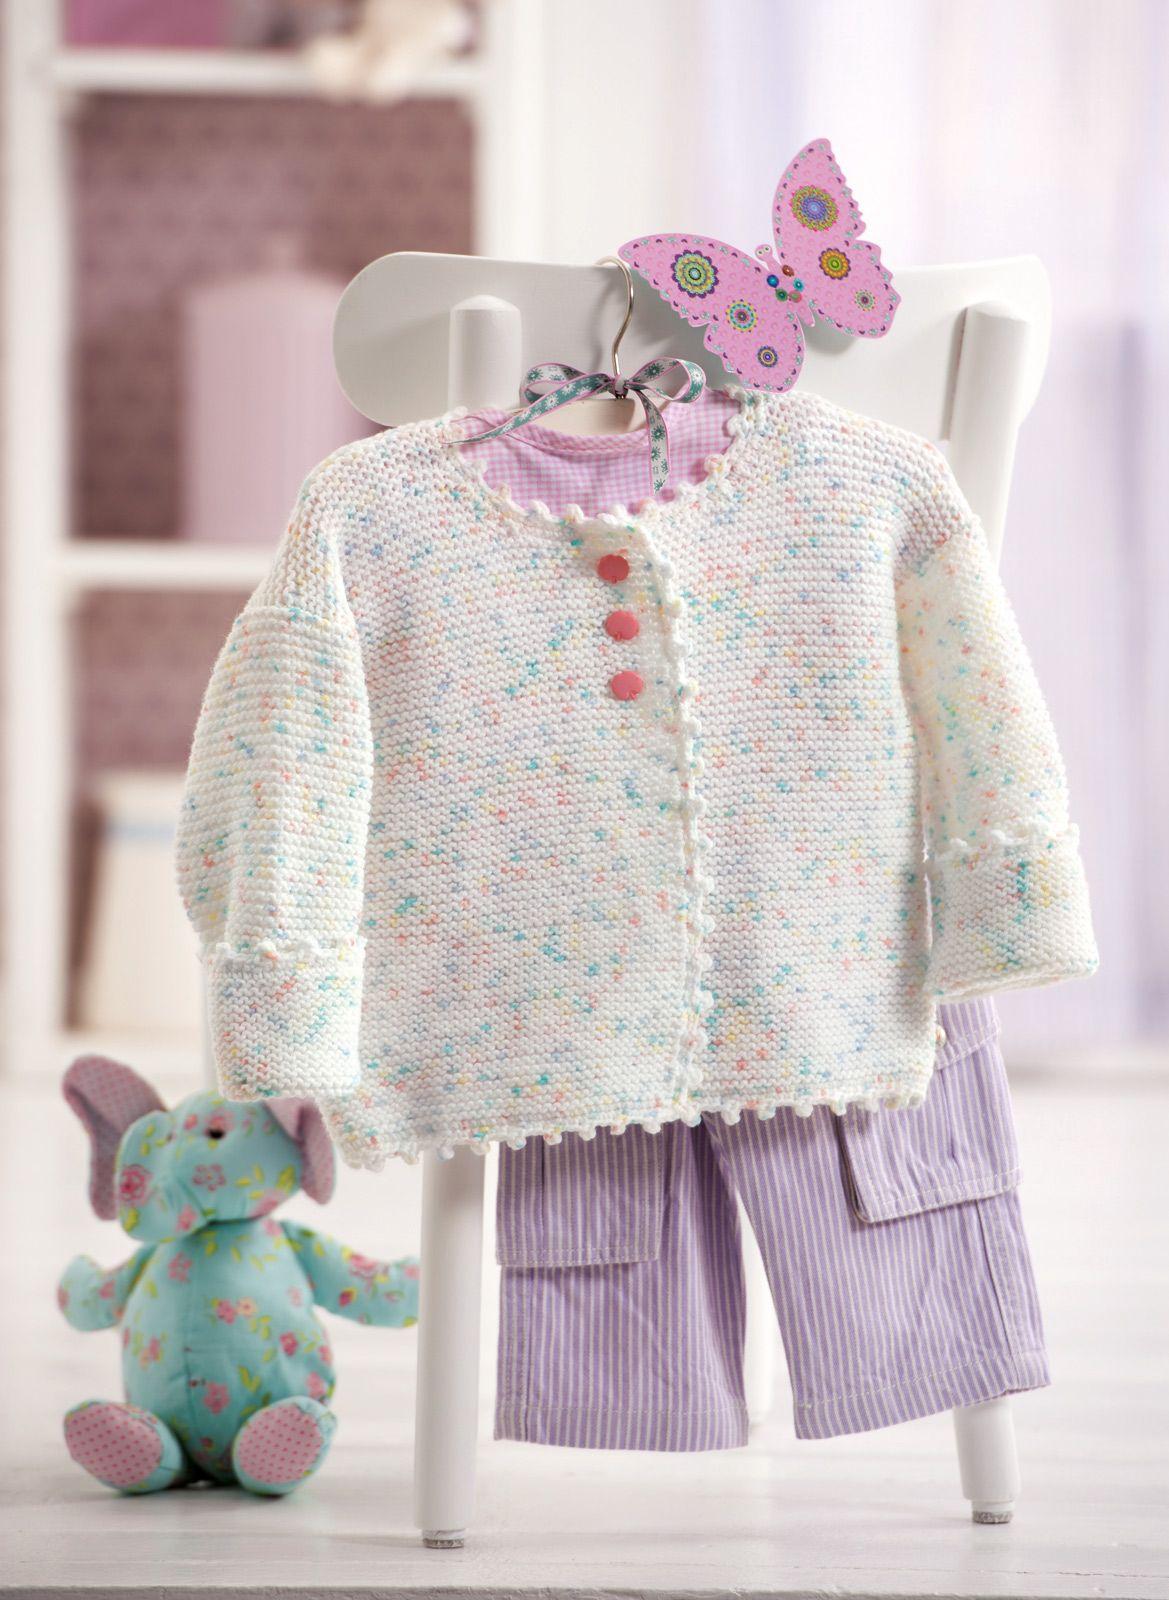 Baby-Jacke in zarten Bonbon-Farben | Pinterest | Baby jacke ...